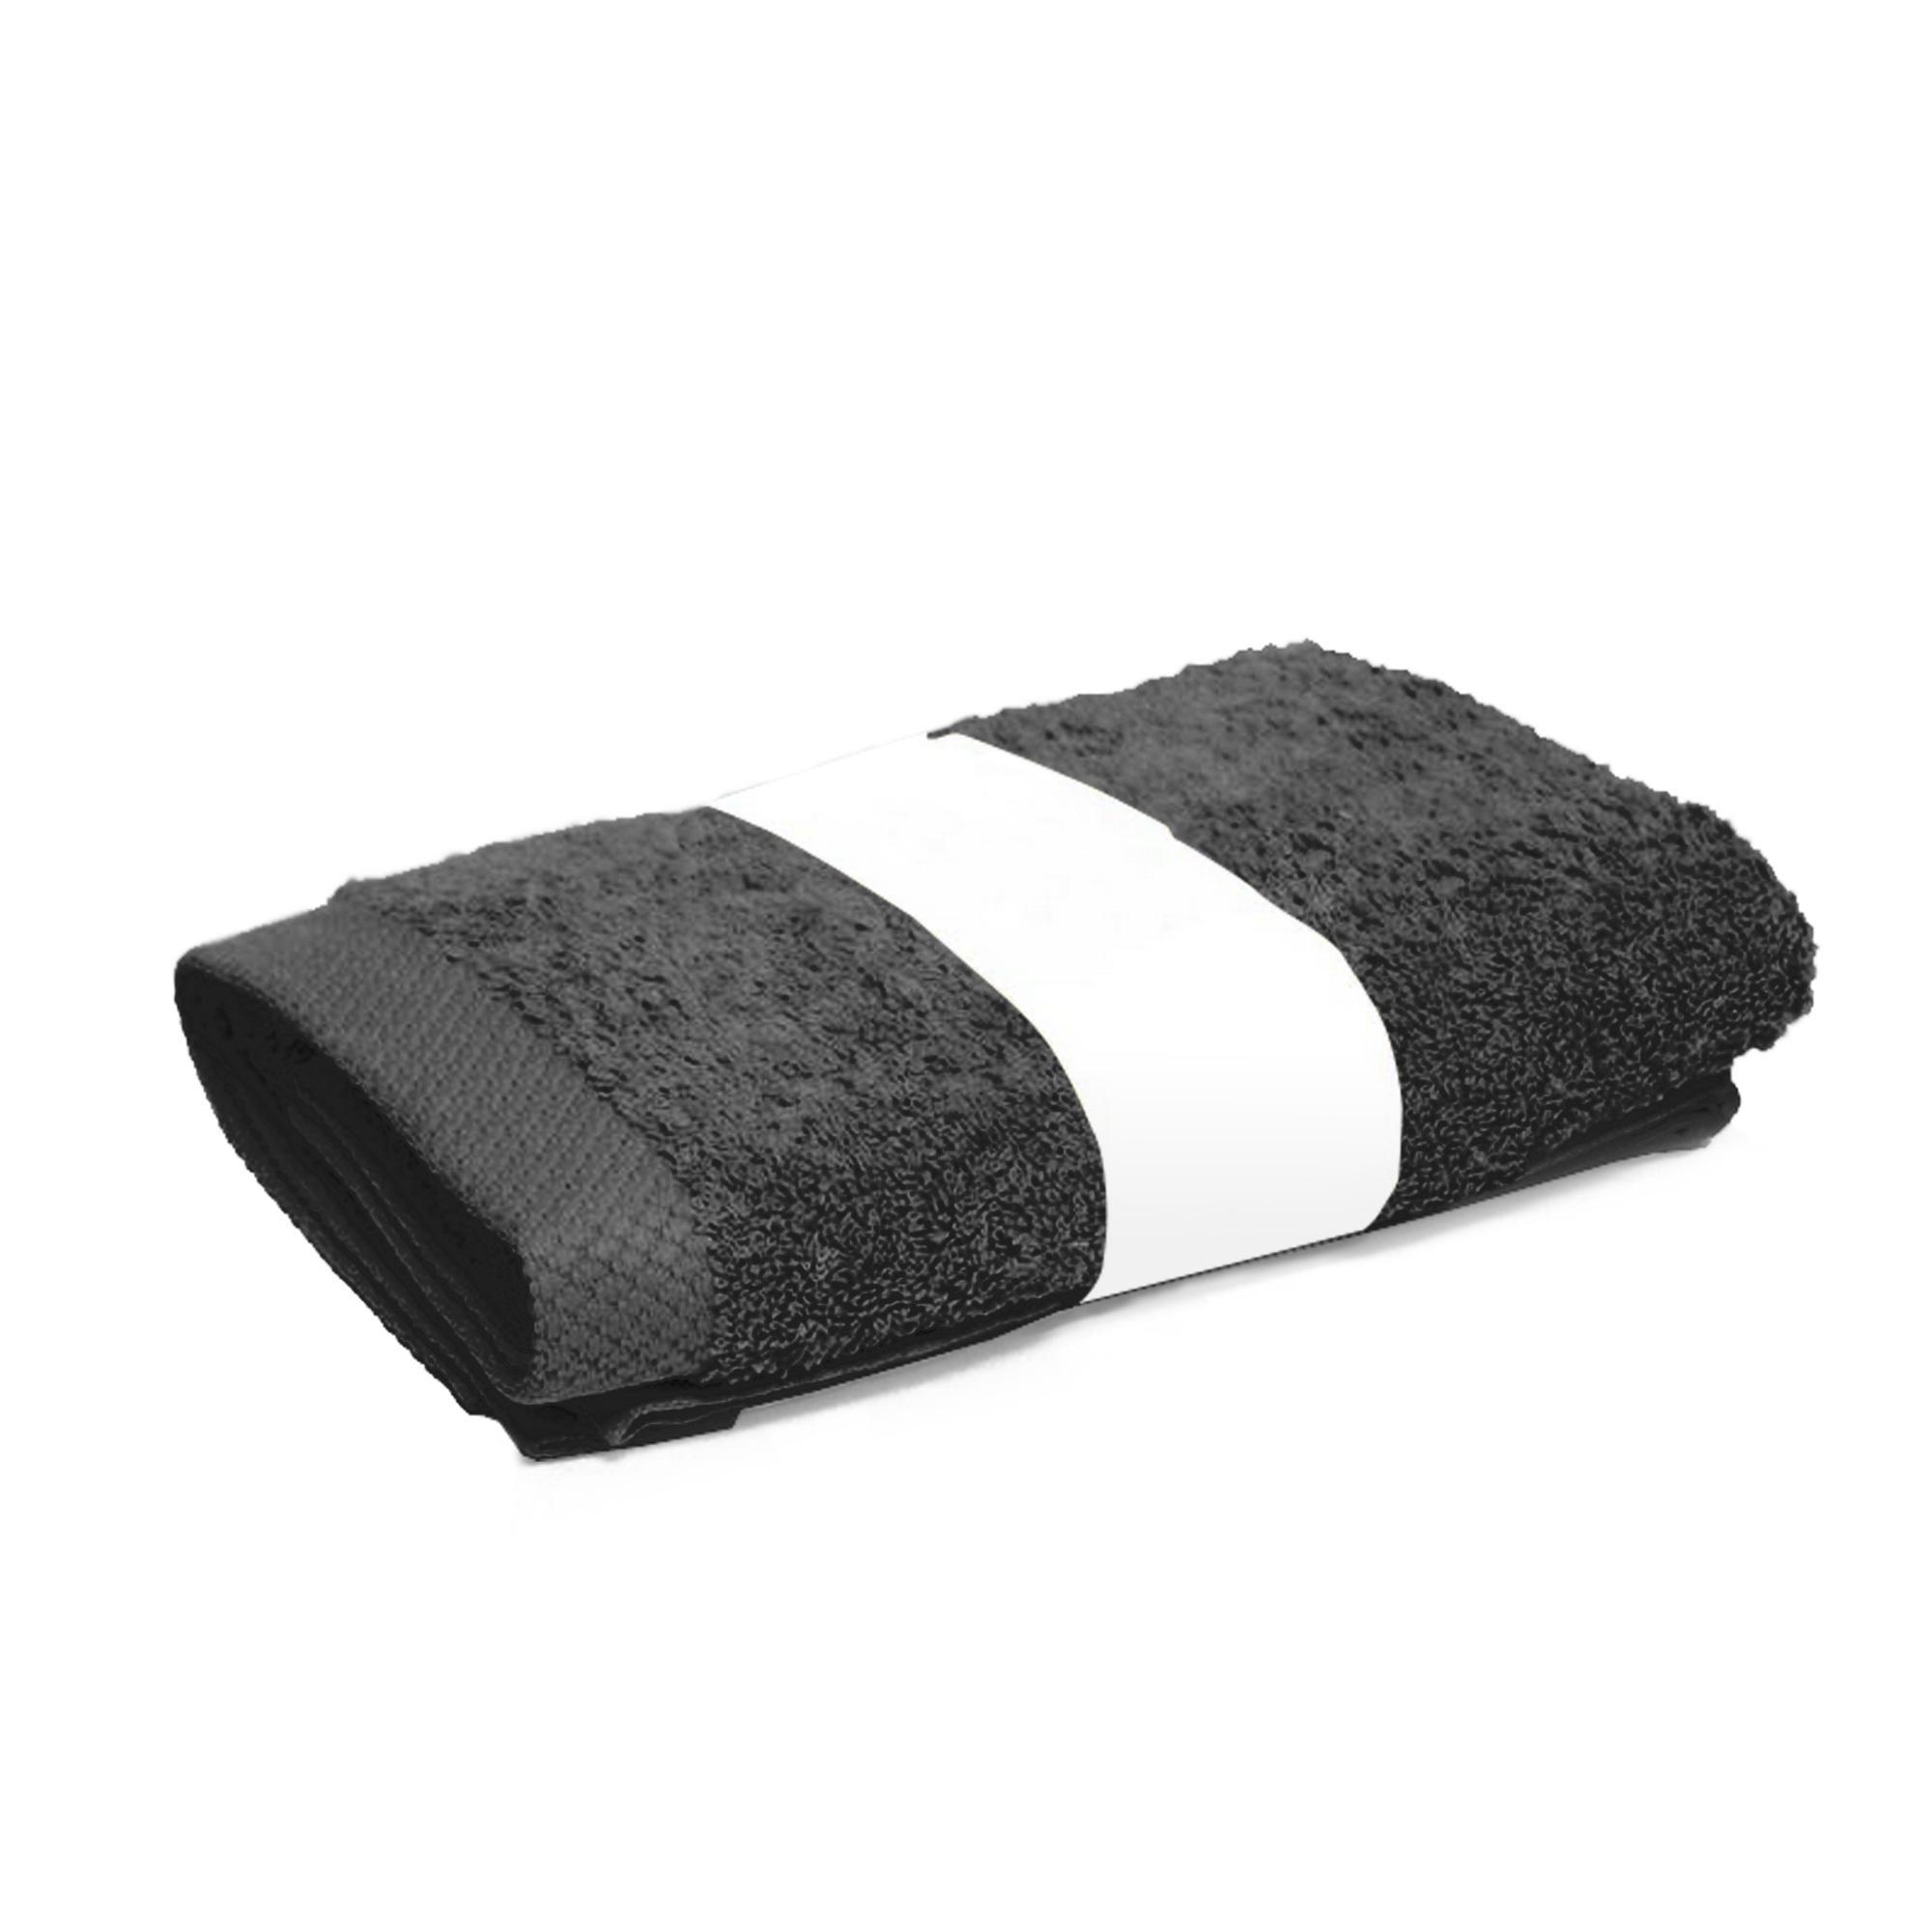 drap de bain 100x150cm coton uni pure gris anthracite linnea vente de linge de maison. Black Bedroom Furniture Sets. Home Design Ideas